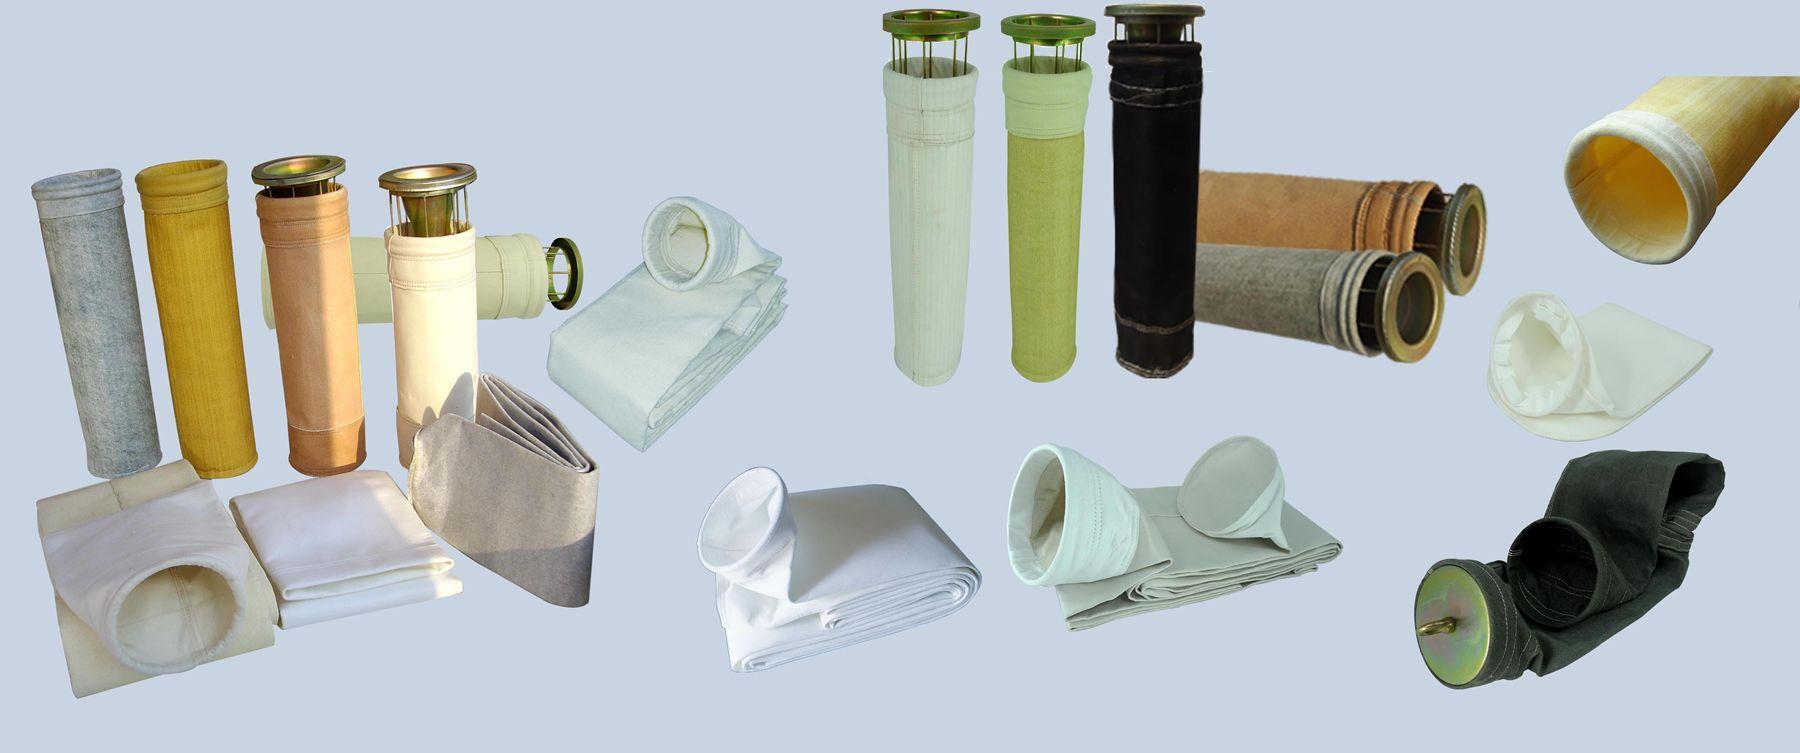 善德過濾材料質量良好的除塵袋,除塵袋價位